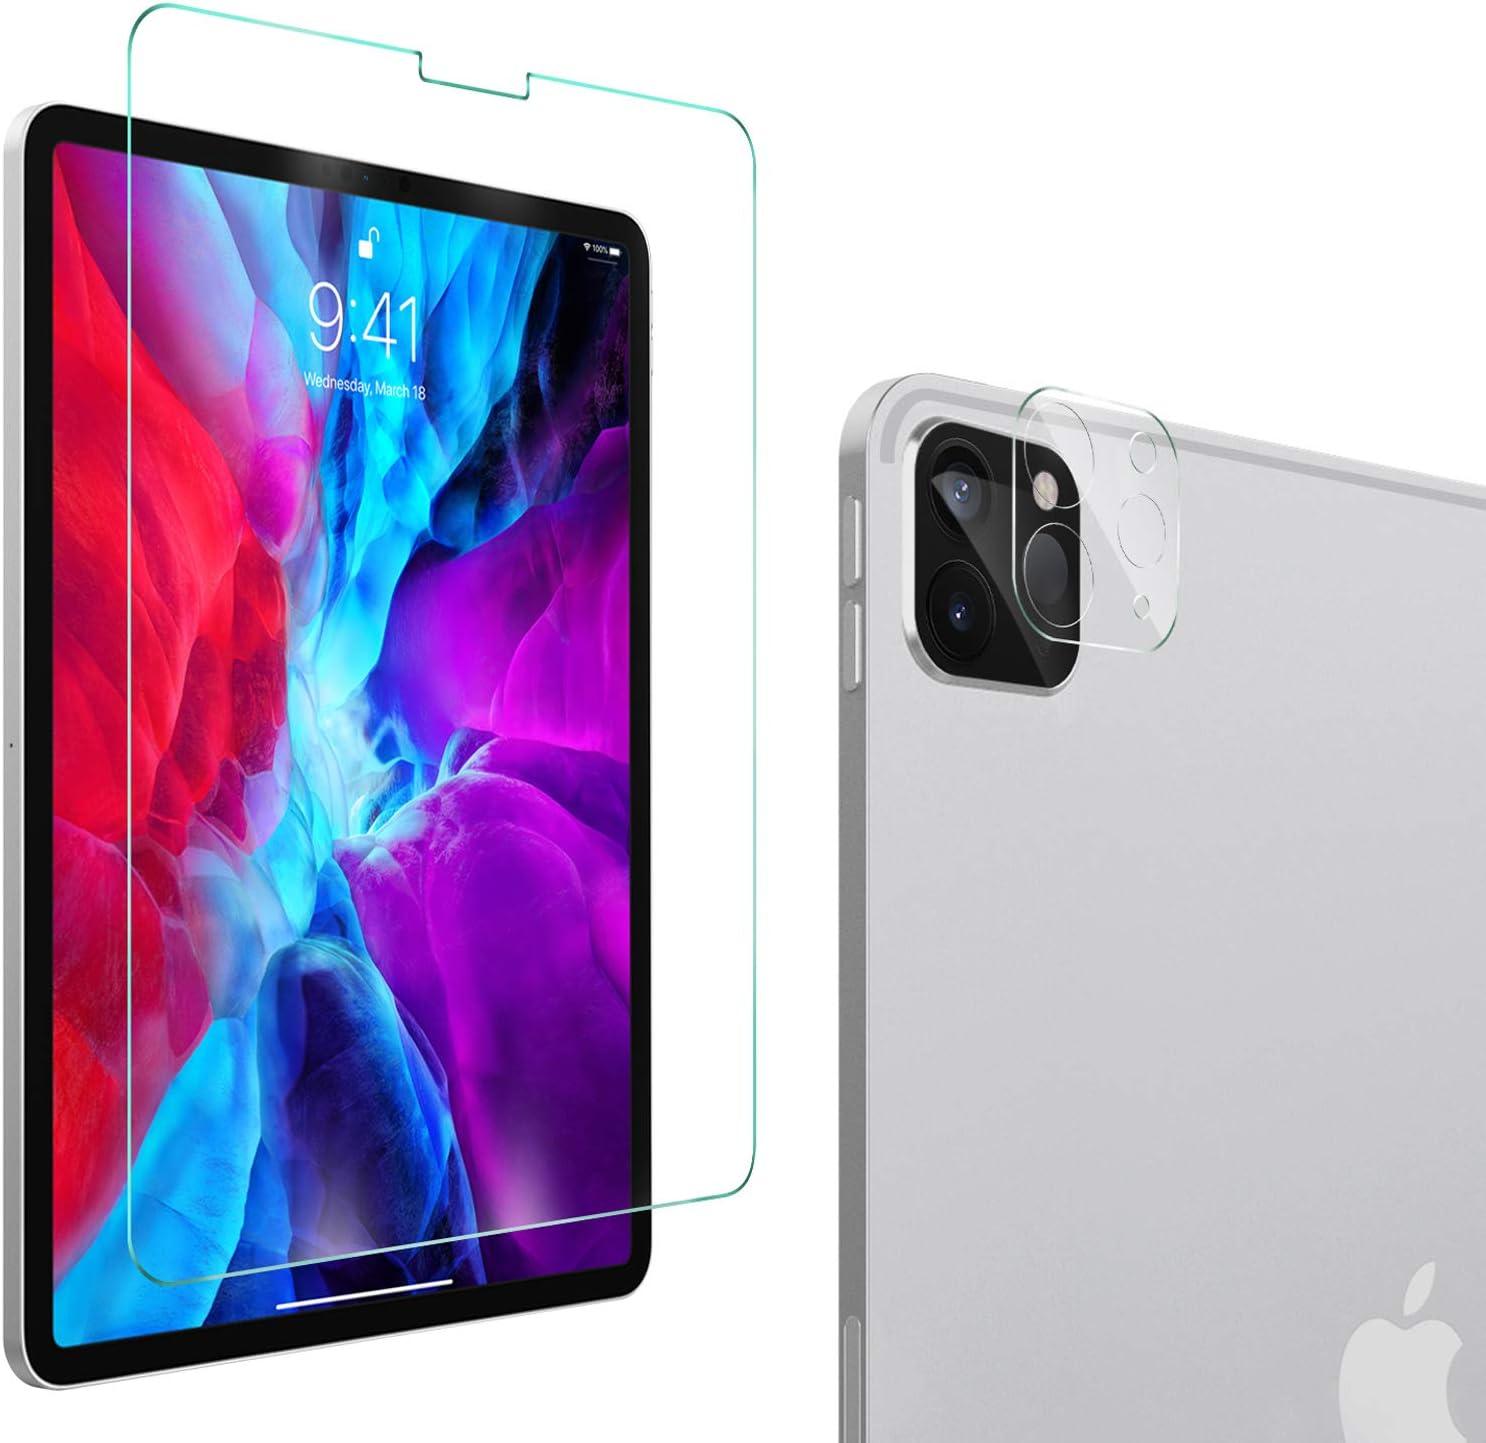 YockTec Protector de Pantalla para iPad Pro 12.9 2020, Protector de Lente de cámara, [dureza 9H] Reemplazo de película Protectora HD Clear para iPad Pro 12.9 2020 Tableta